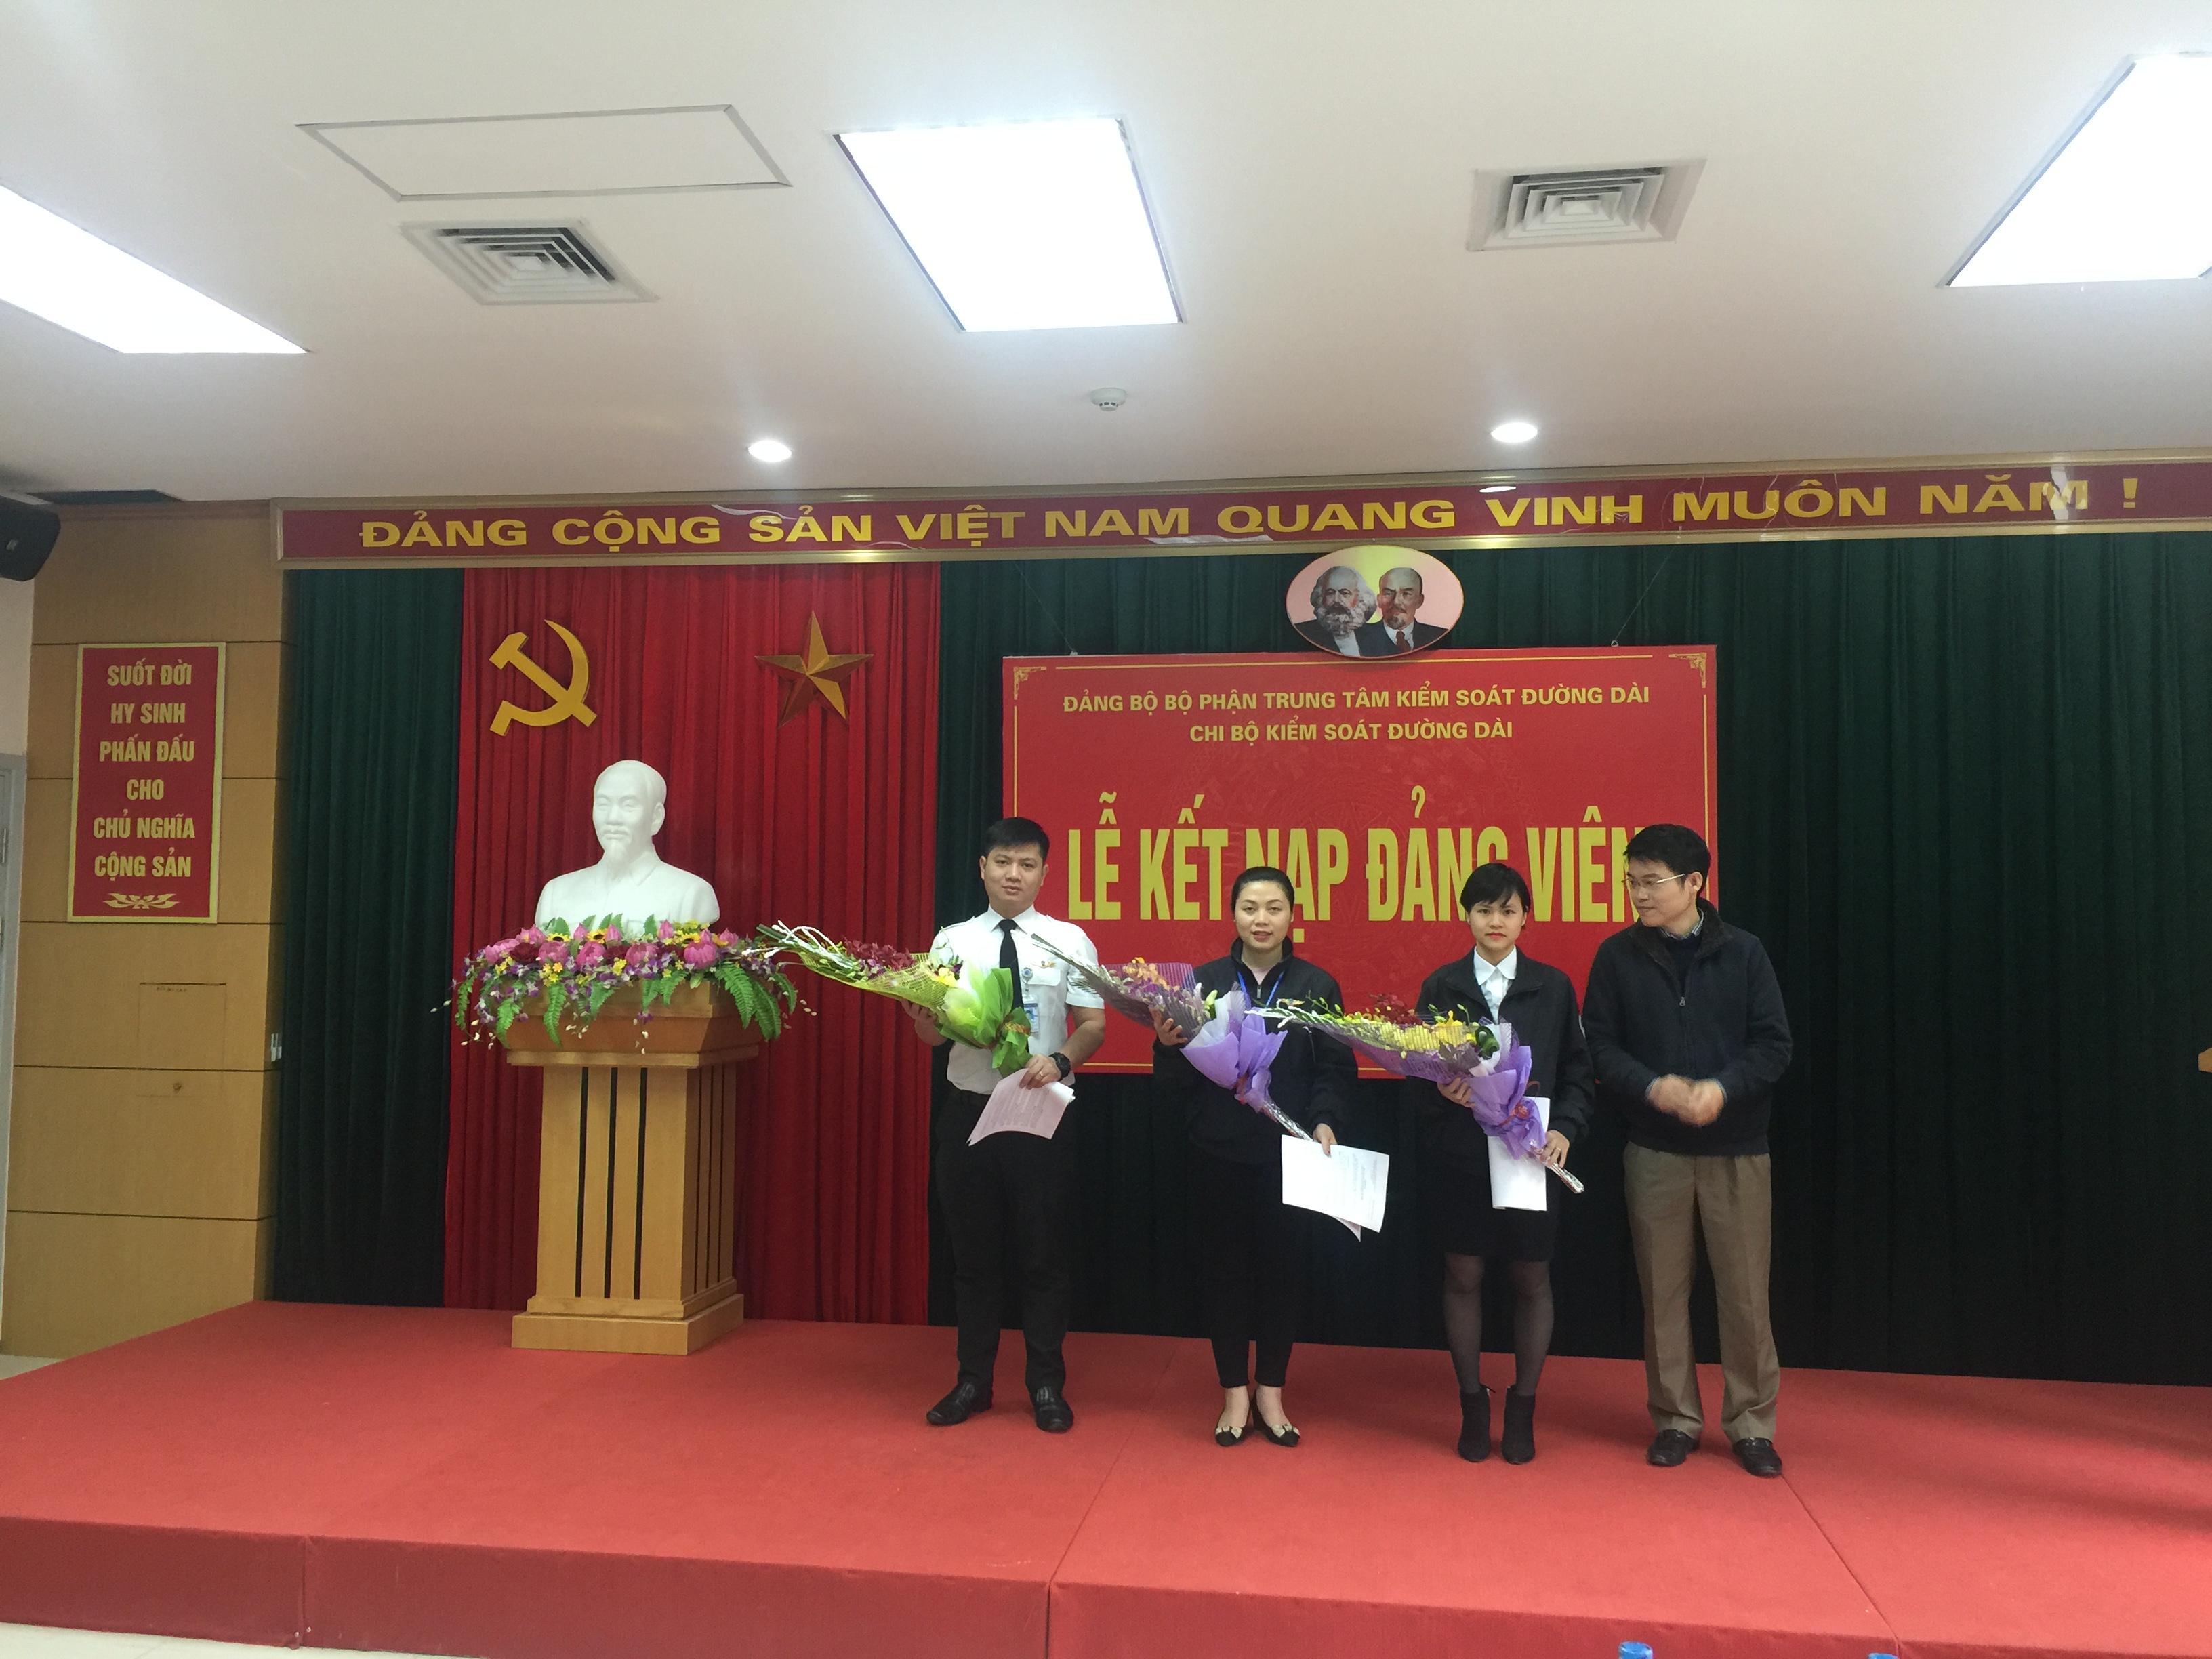 Chi bộ Kiểm soát đường dài Công ty quản lý bay miền Bắc tổ chức Lễ kết nạp đảng viên mới dịp 3-2